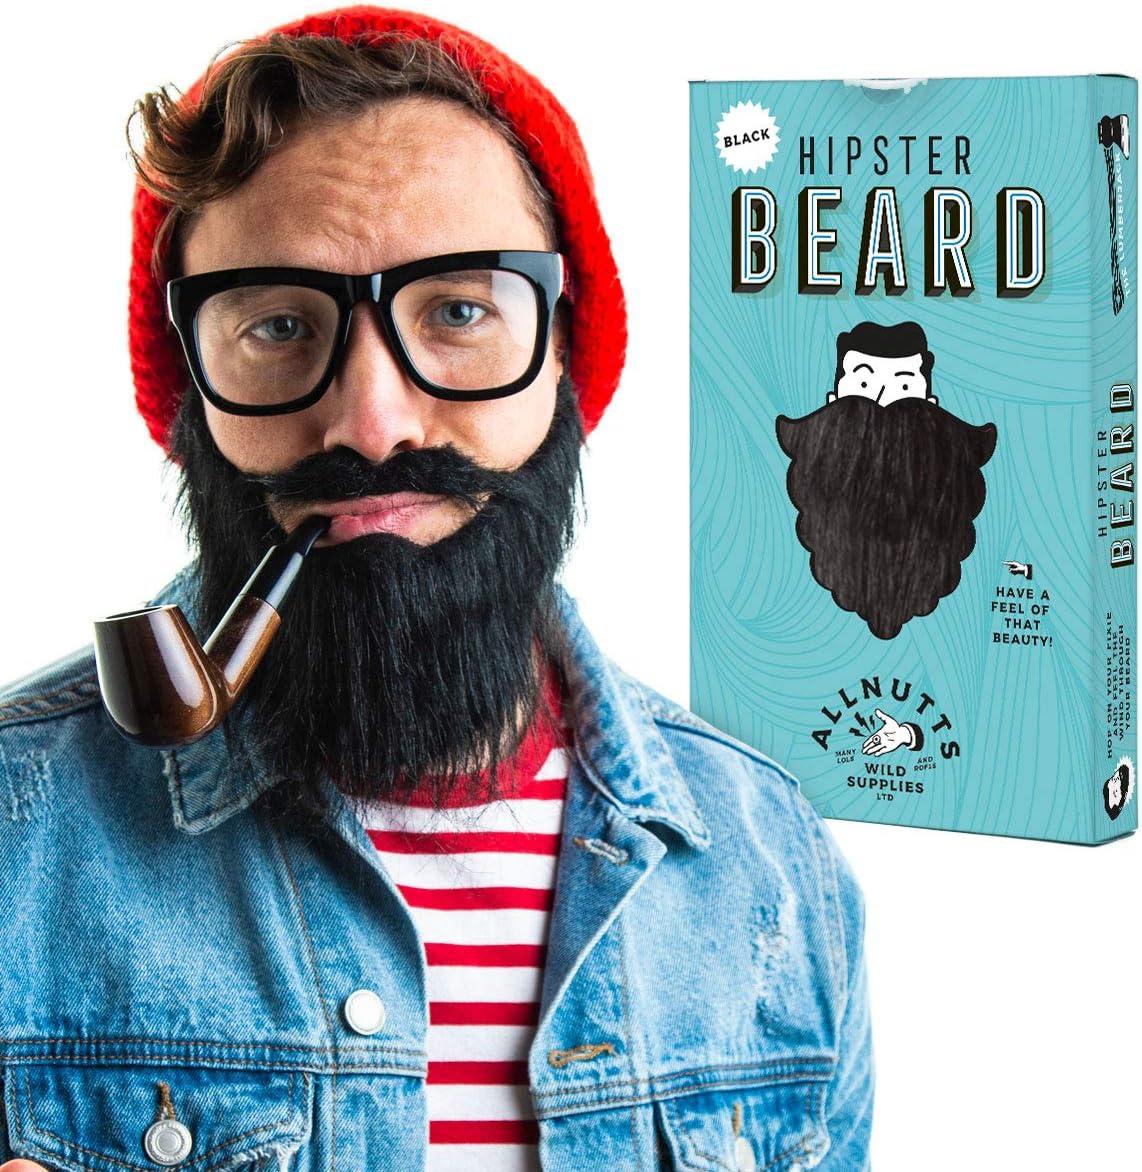 Black /& Ginger Hipster Beard